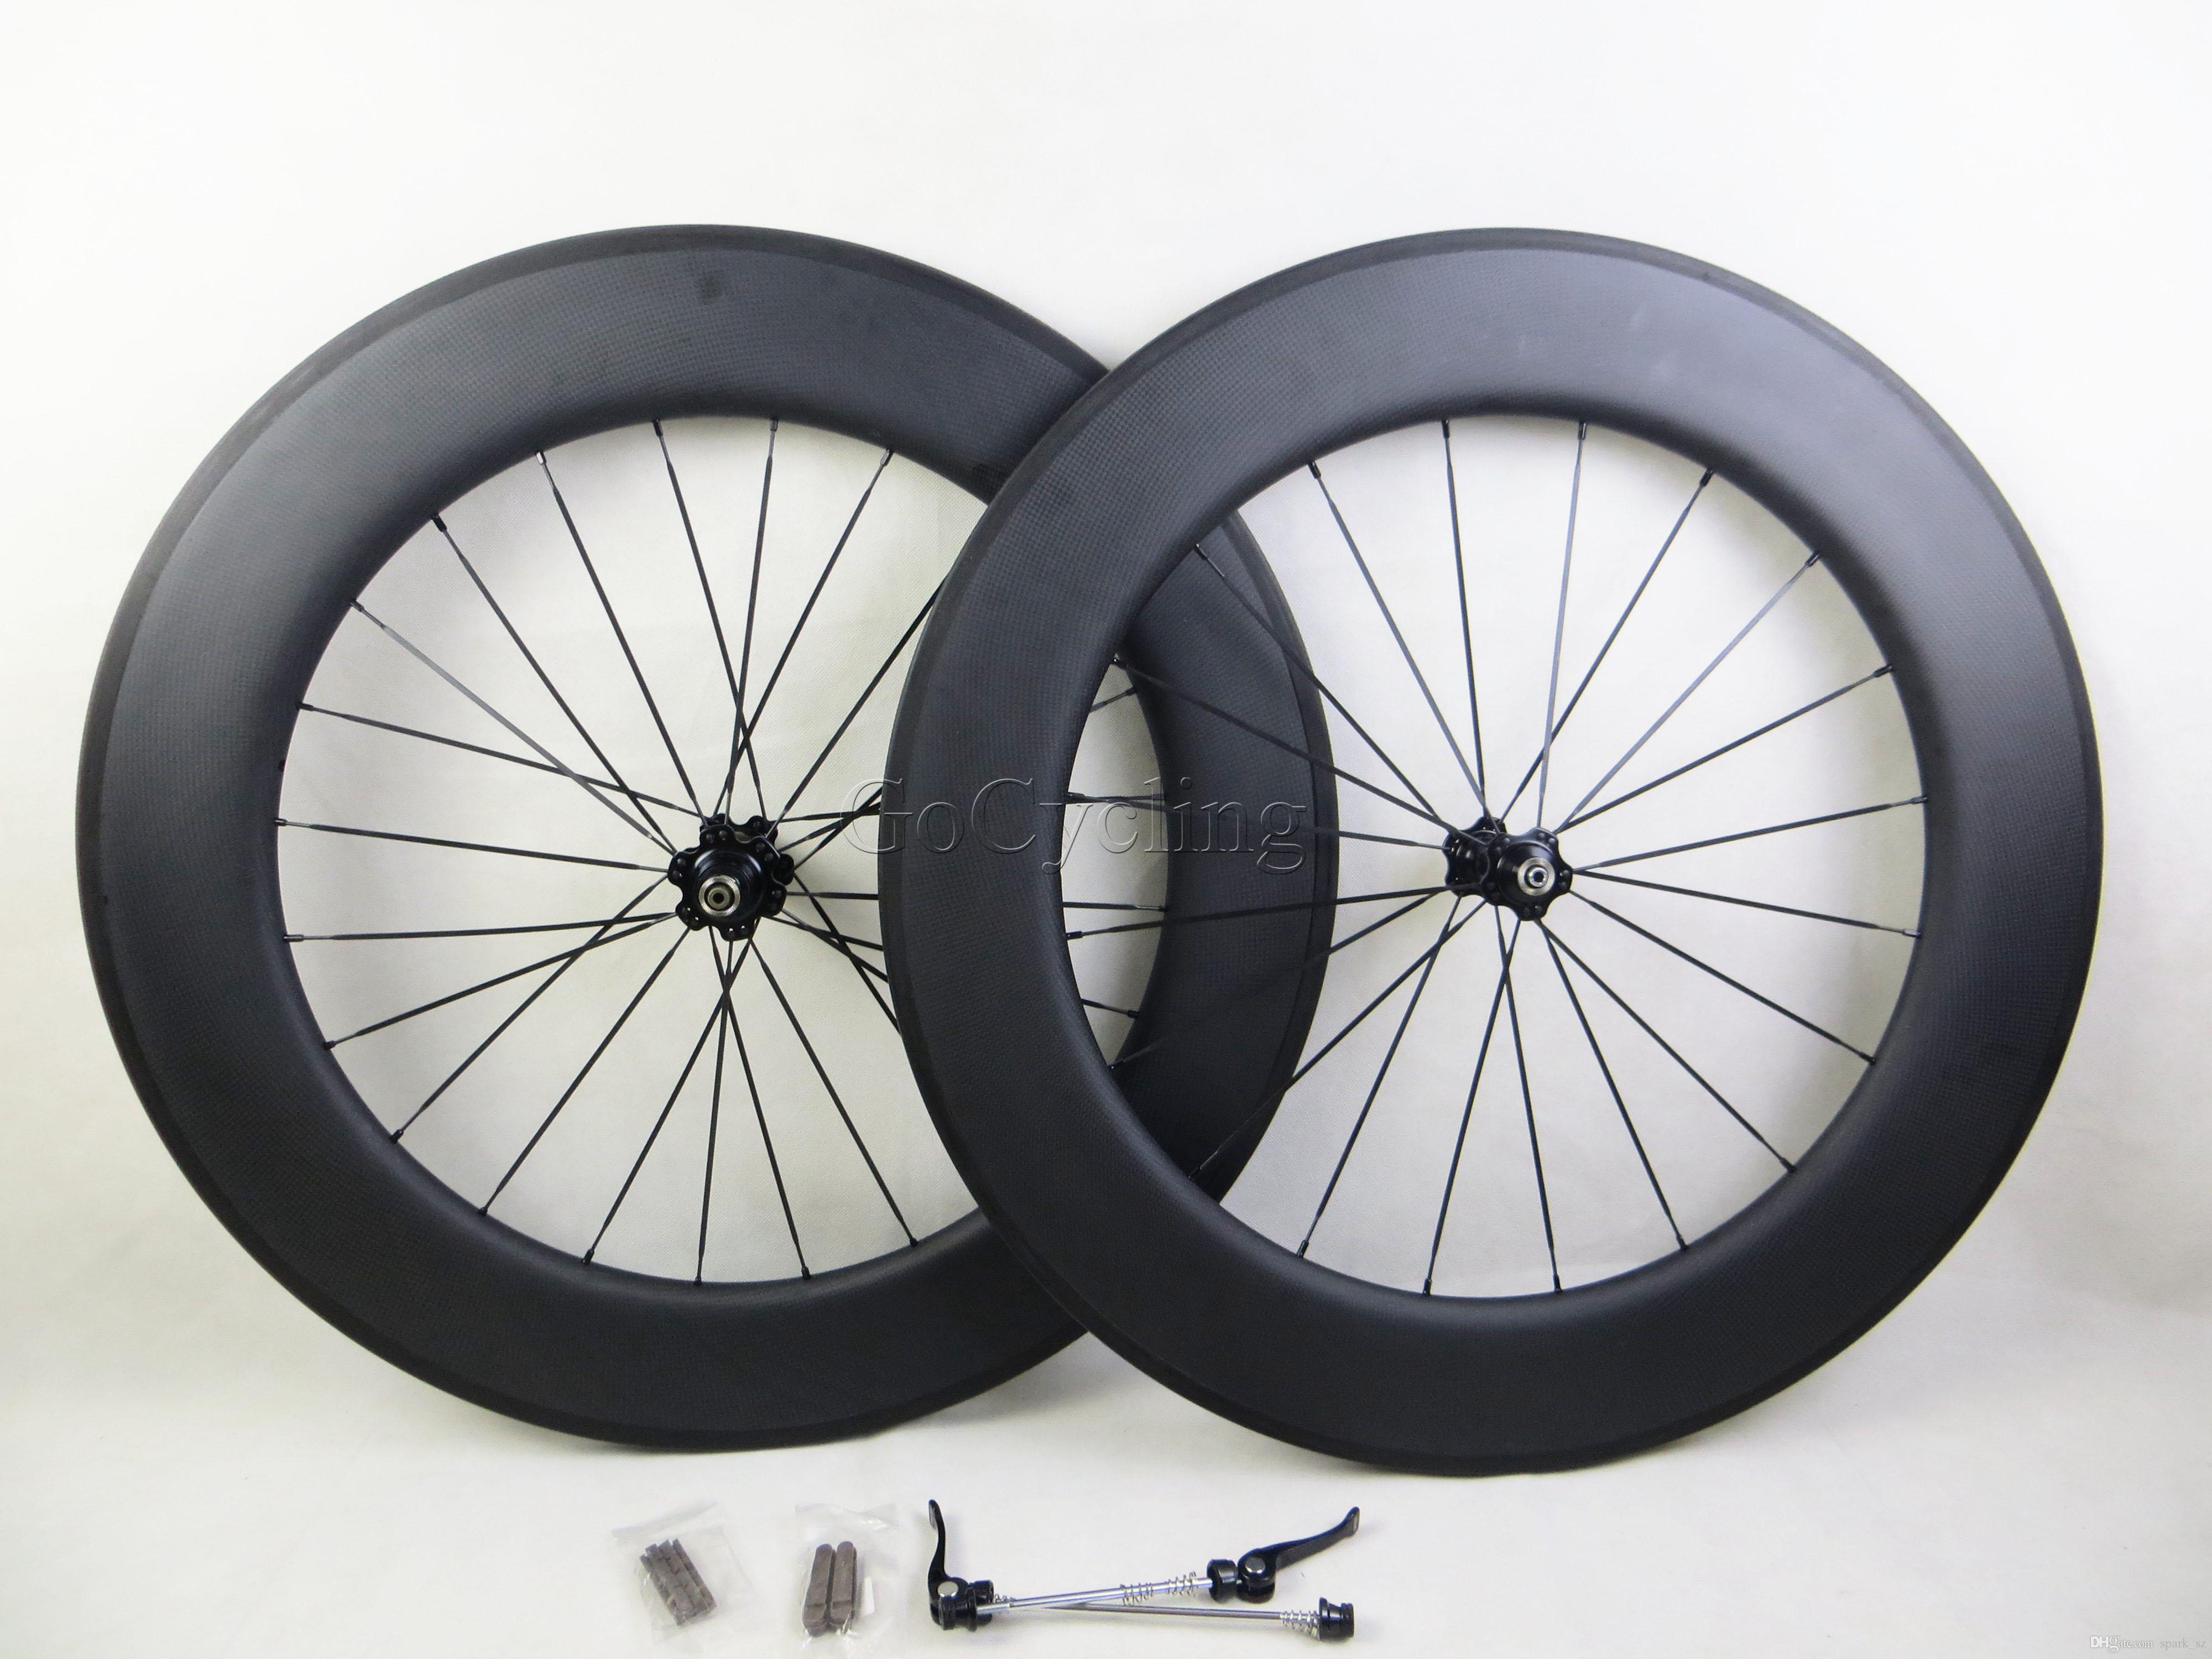 الكربون دراجة عجلات 90 ملليمتر 3 كيلو مات لا الشارات ملصق البازلت سطح الفرامل الفاصلة أنبوبي الطريق الدراجات دراجة العجلات مع محاور novatec